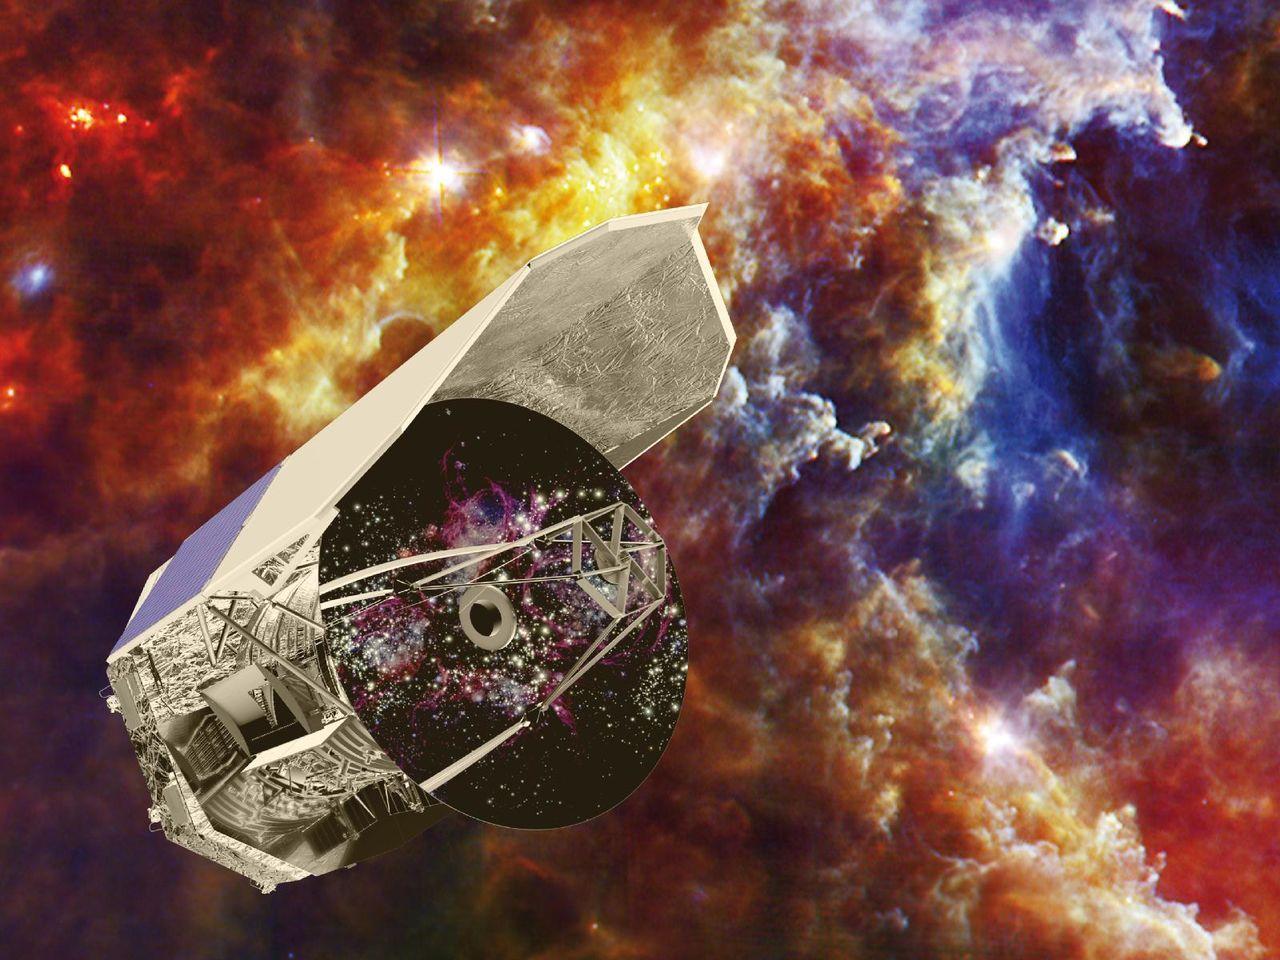 Скрытая Вселенная телескопа Hersсhel